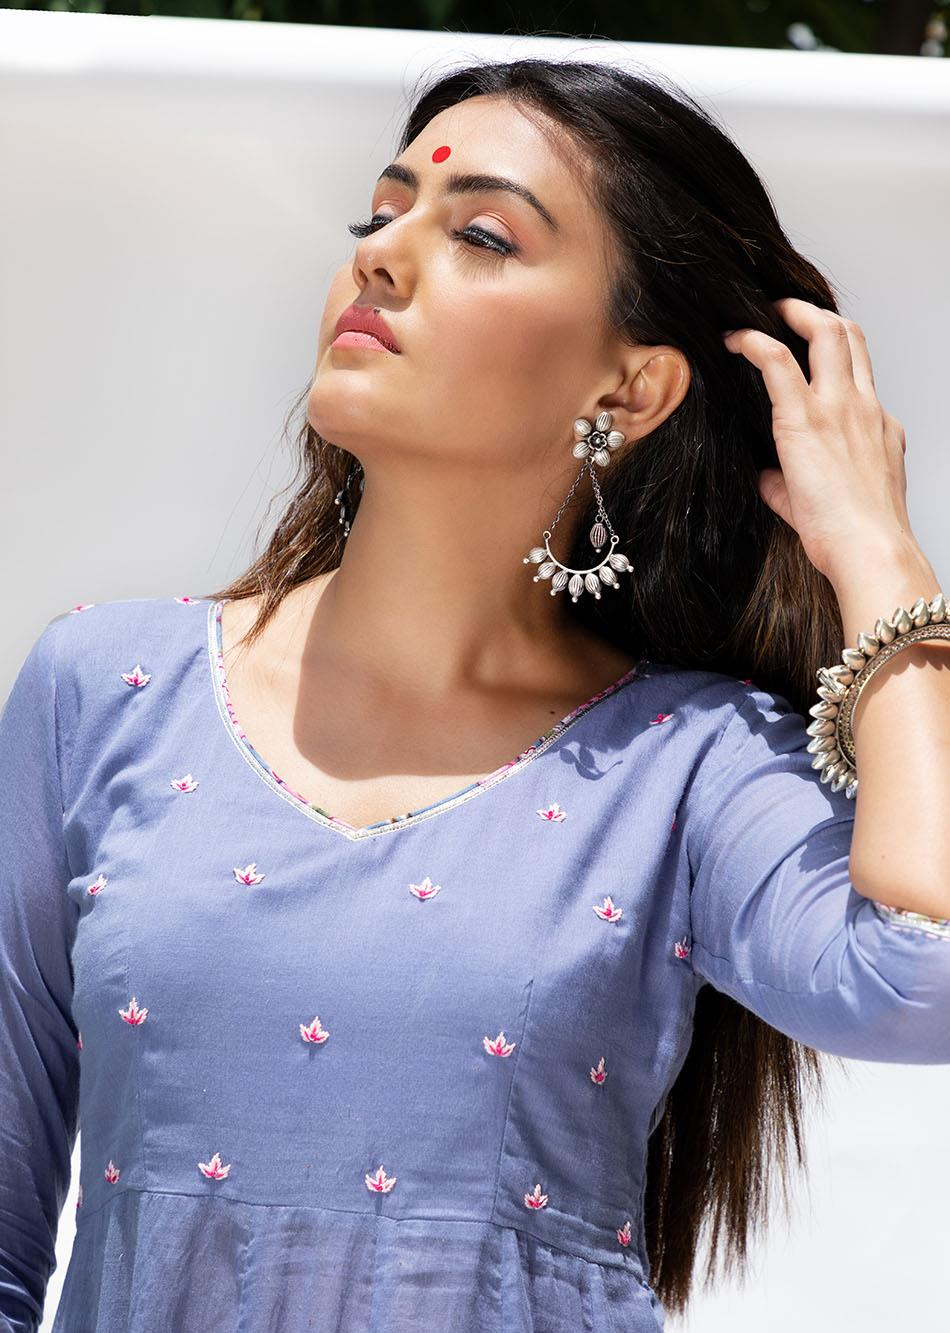 Baiguni V-neck Anarkali (set of 2) By Jovi Fashion